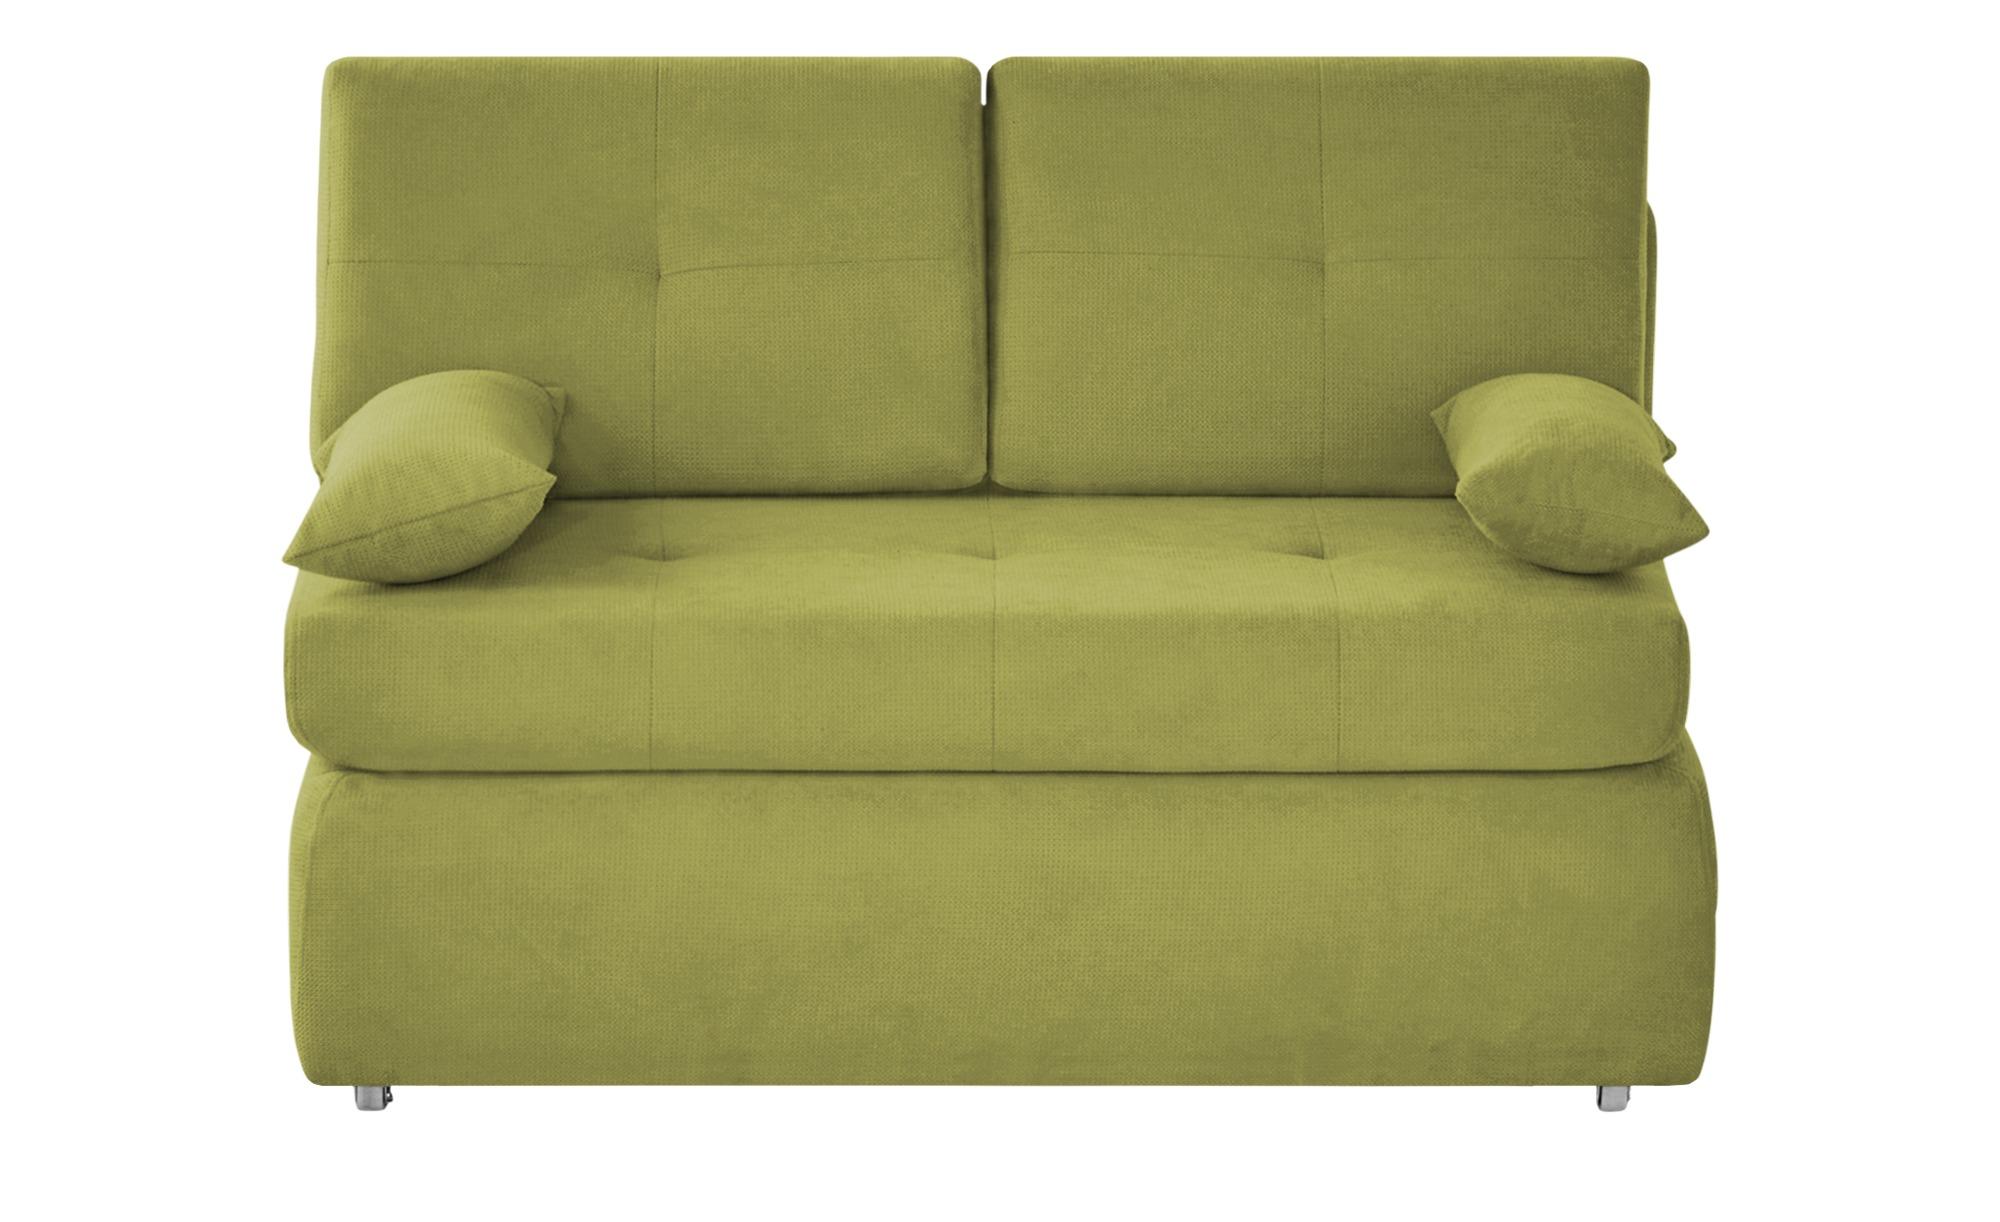 Schlafsofa  Sabina ¦ grün ¦ Maße (cm): B: 123 H: 90 T: 91 Polstermöbel > Sofas > Einzelsofas - Höffner